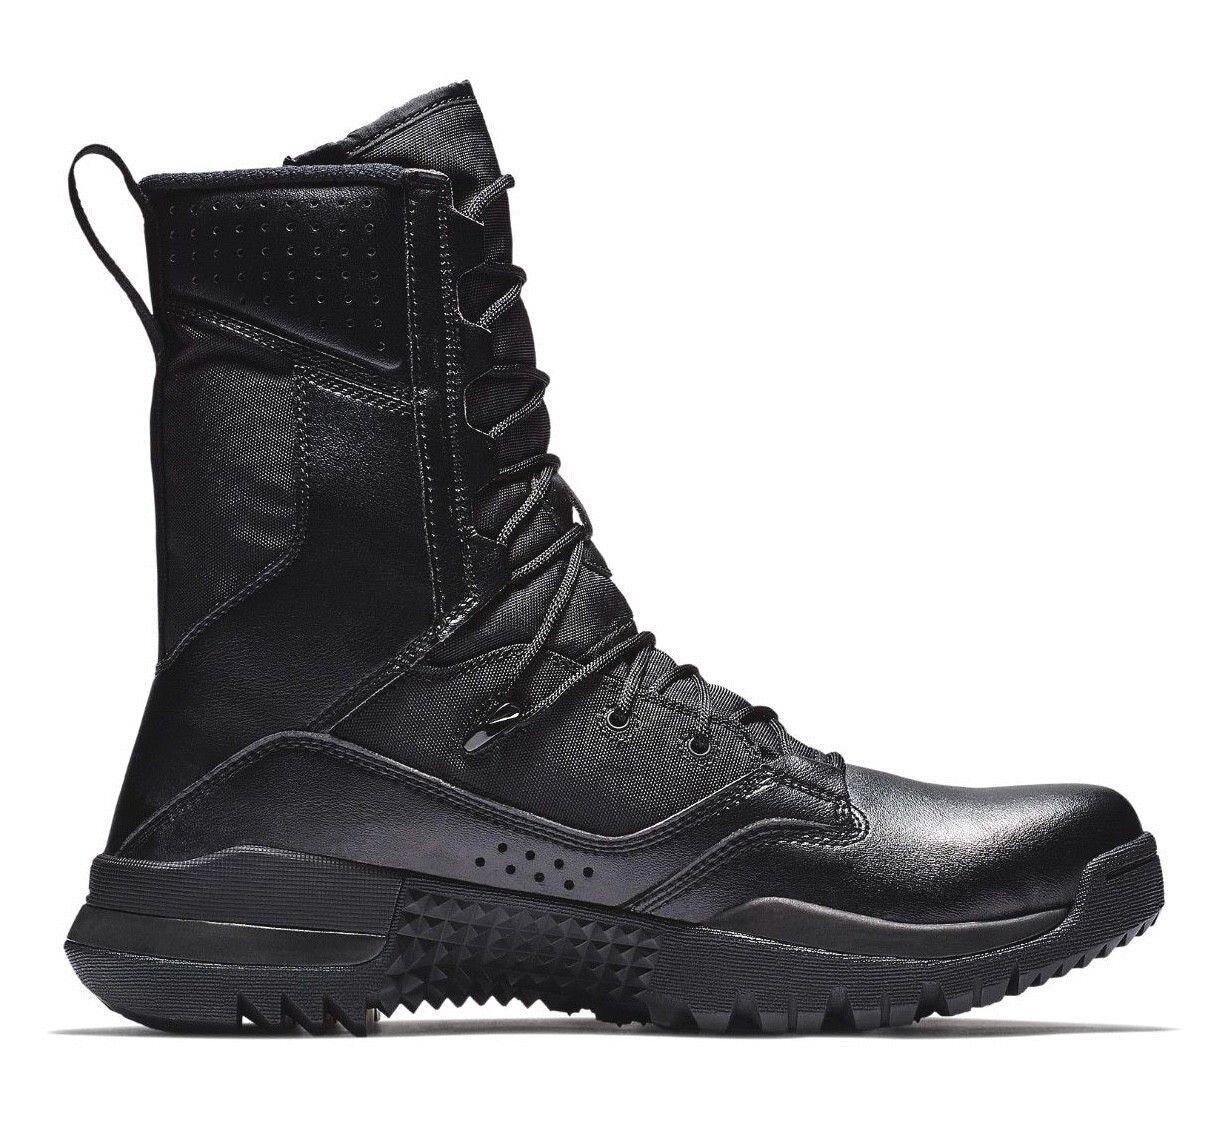 De Domaine 001 Militaires 8 Noirs Nike Bottes 2 Sfb Tactiques Ao7507 wARqfxn4Yx